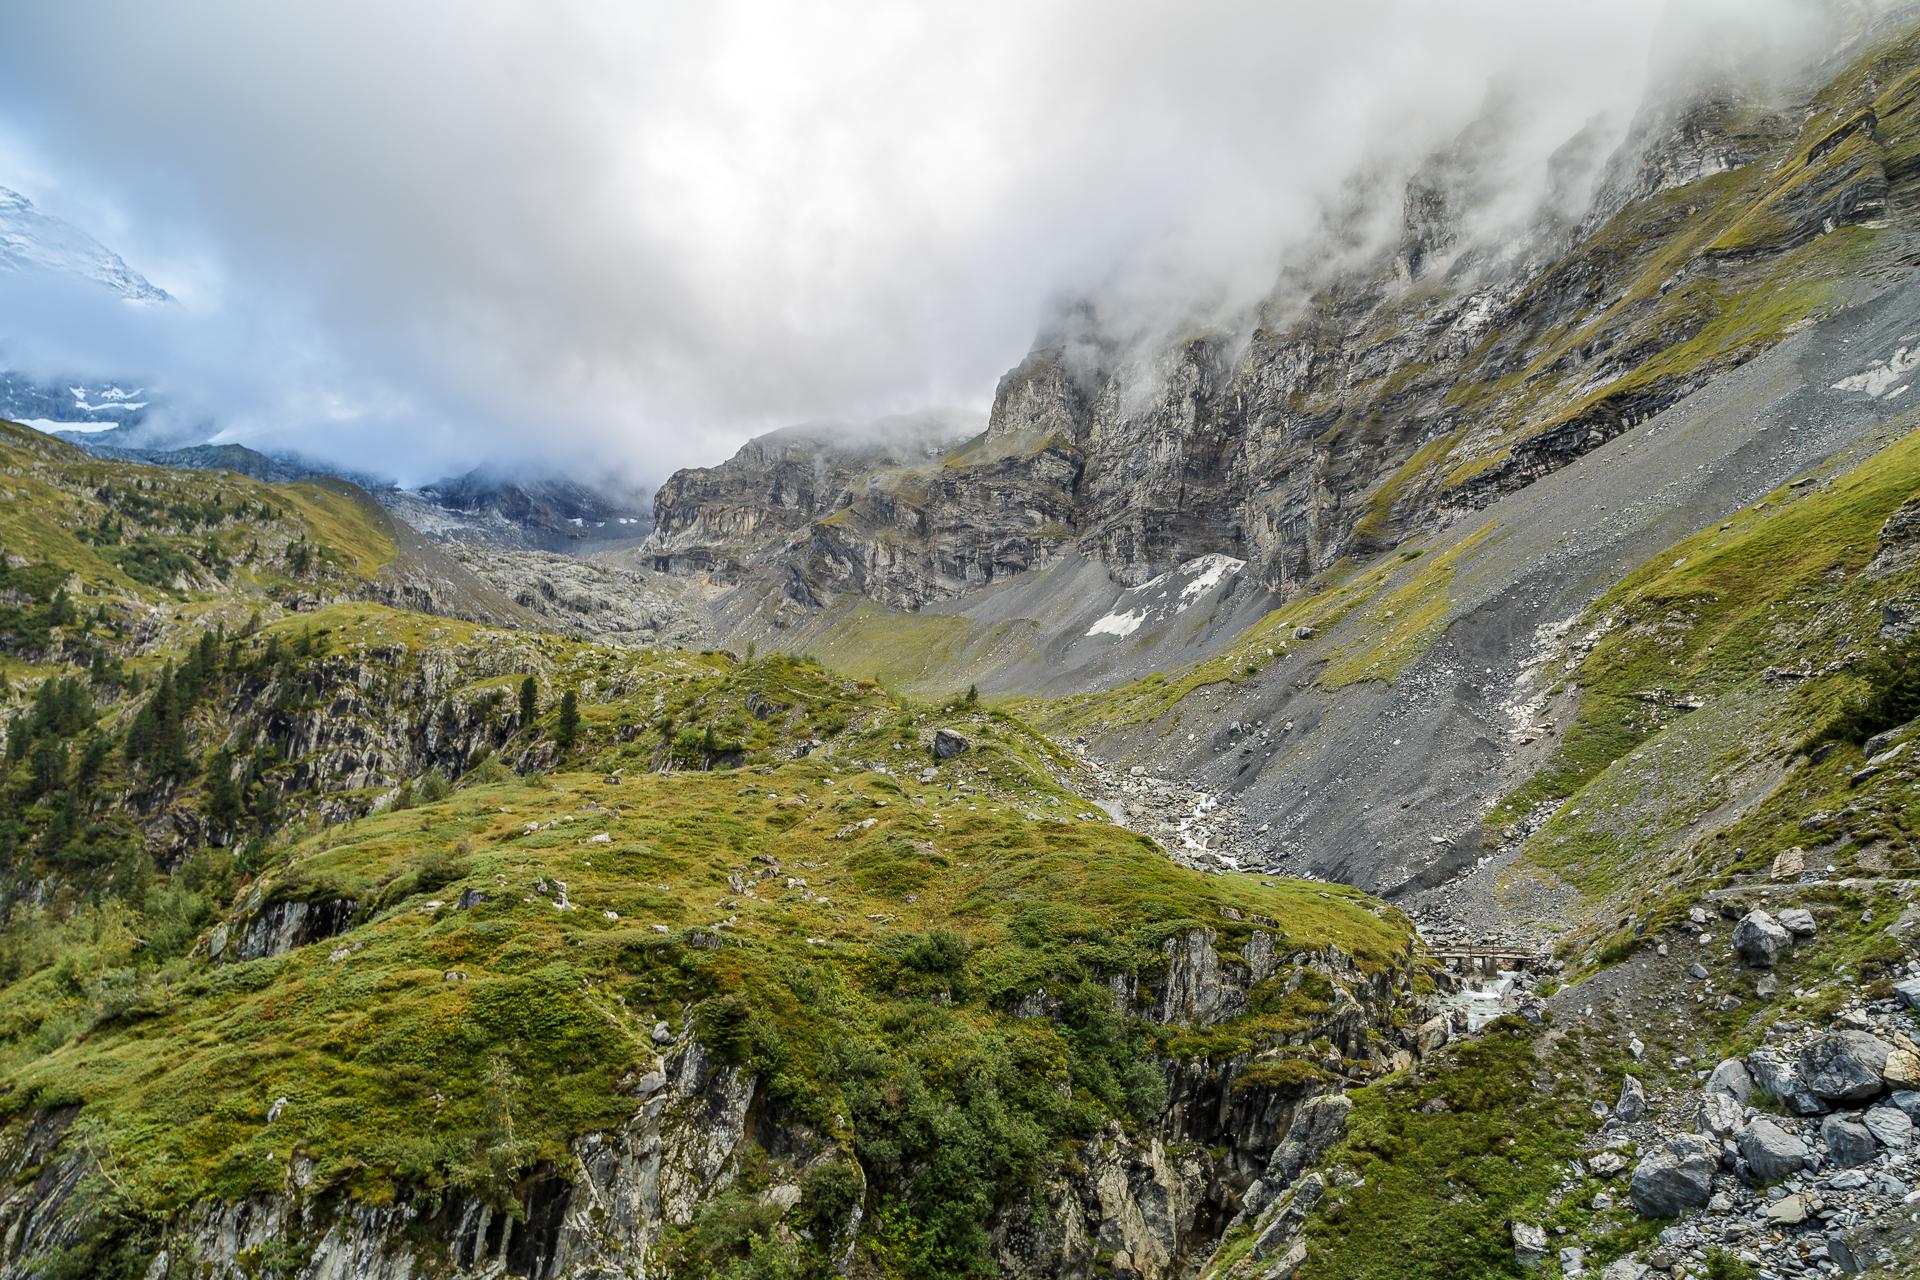 Naturschutzgebiet-Hinteres-Lauterbrunnental